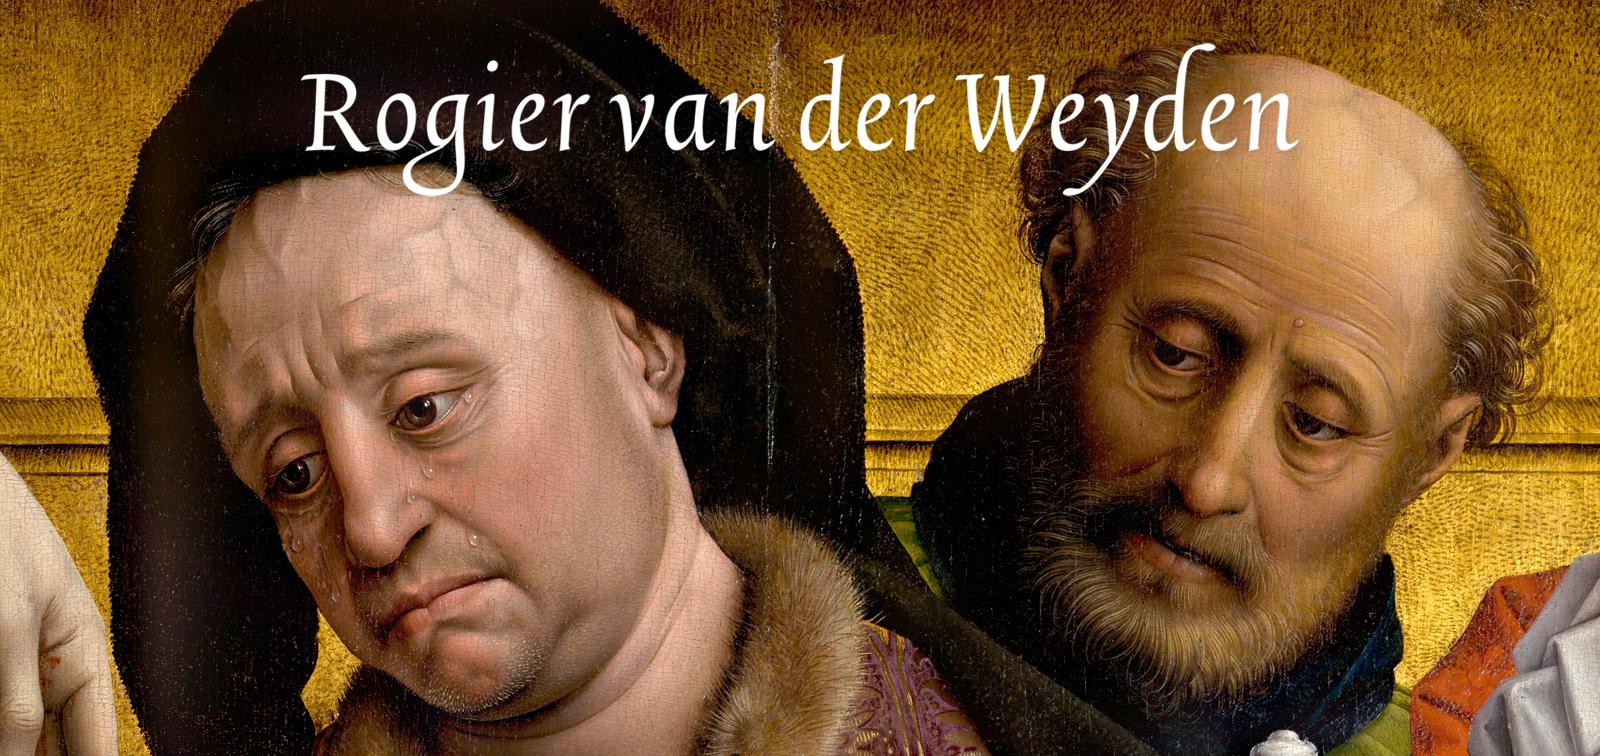 Rogier van der Weyden (ca.1399-1464)